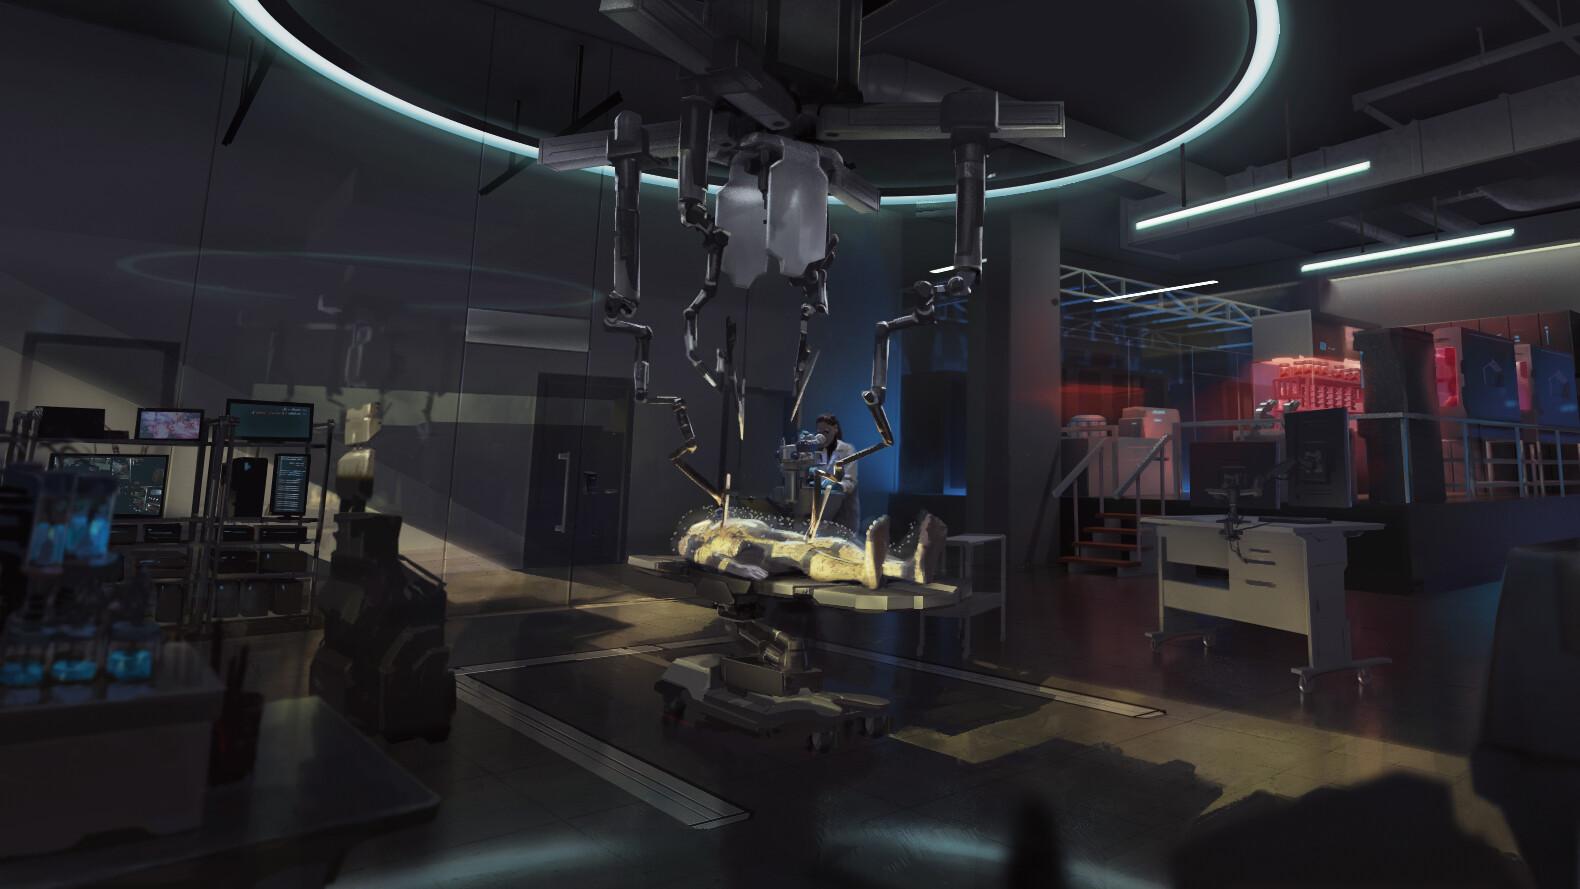 Frankenstein's lab - Surgical Theatre (Gallery)